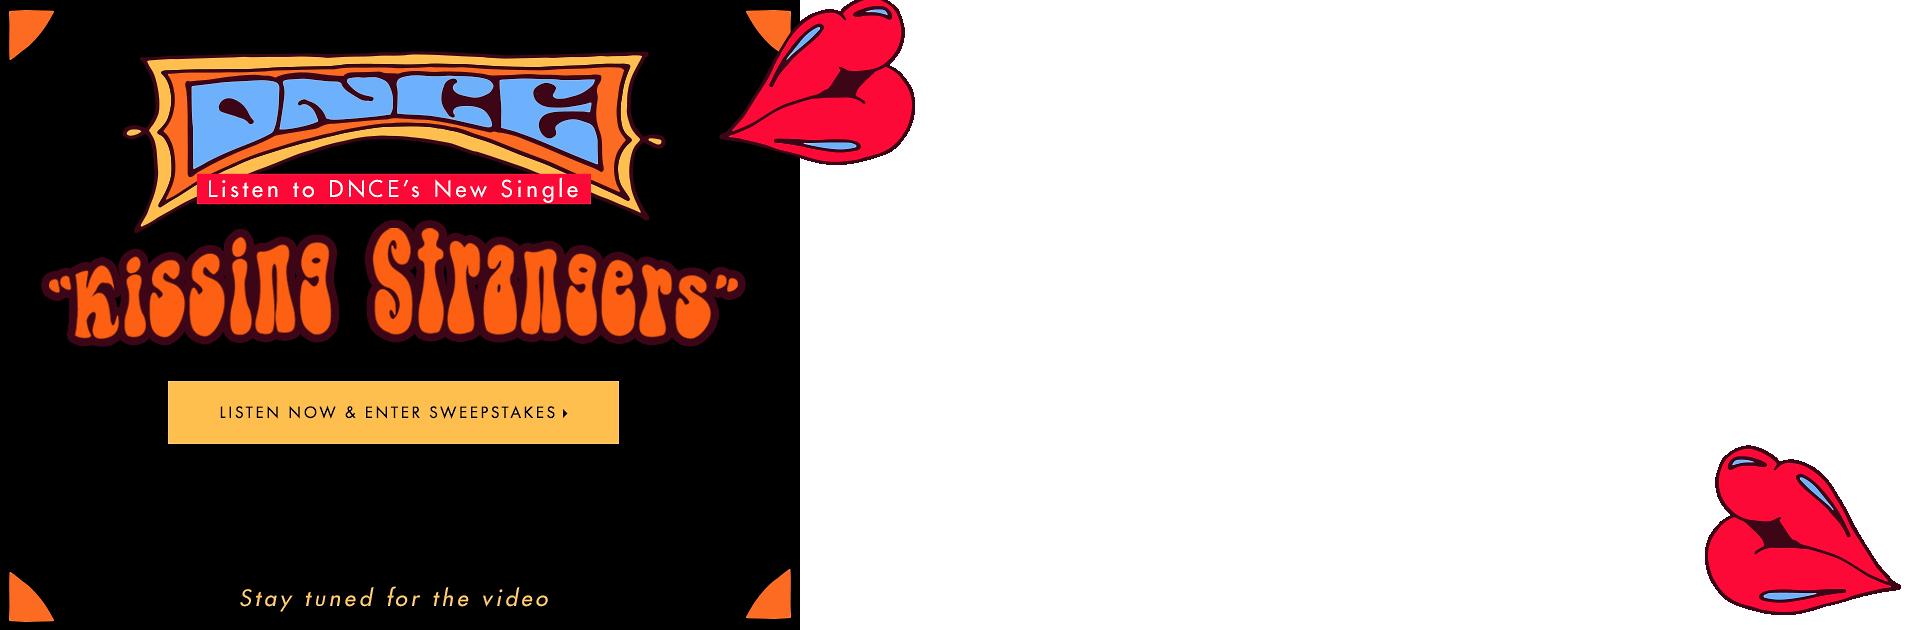 DNCE Kissing Strangers